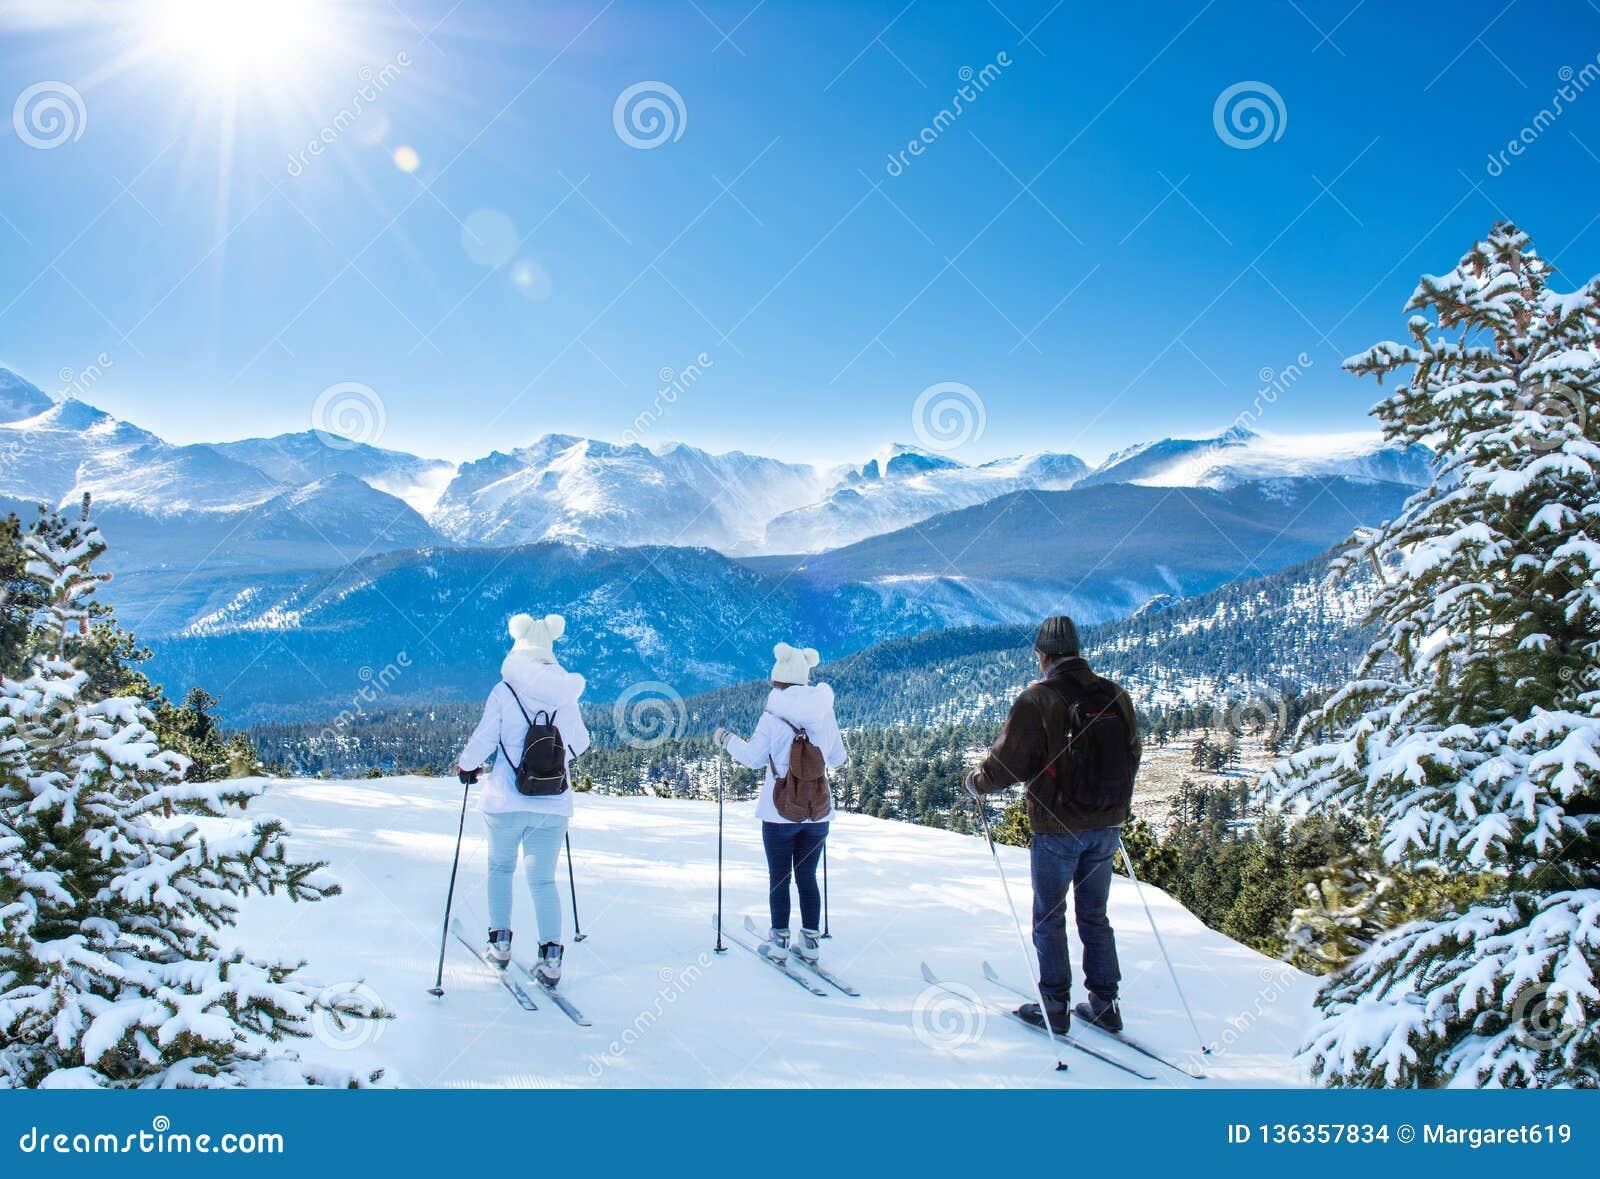 Aktives Familienskifahren auf Winterferien